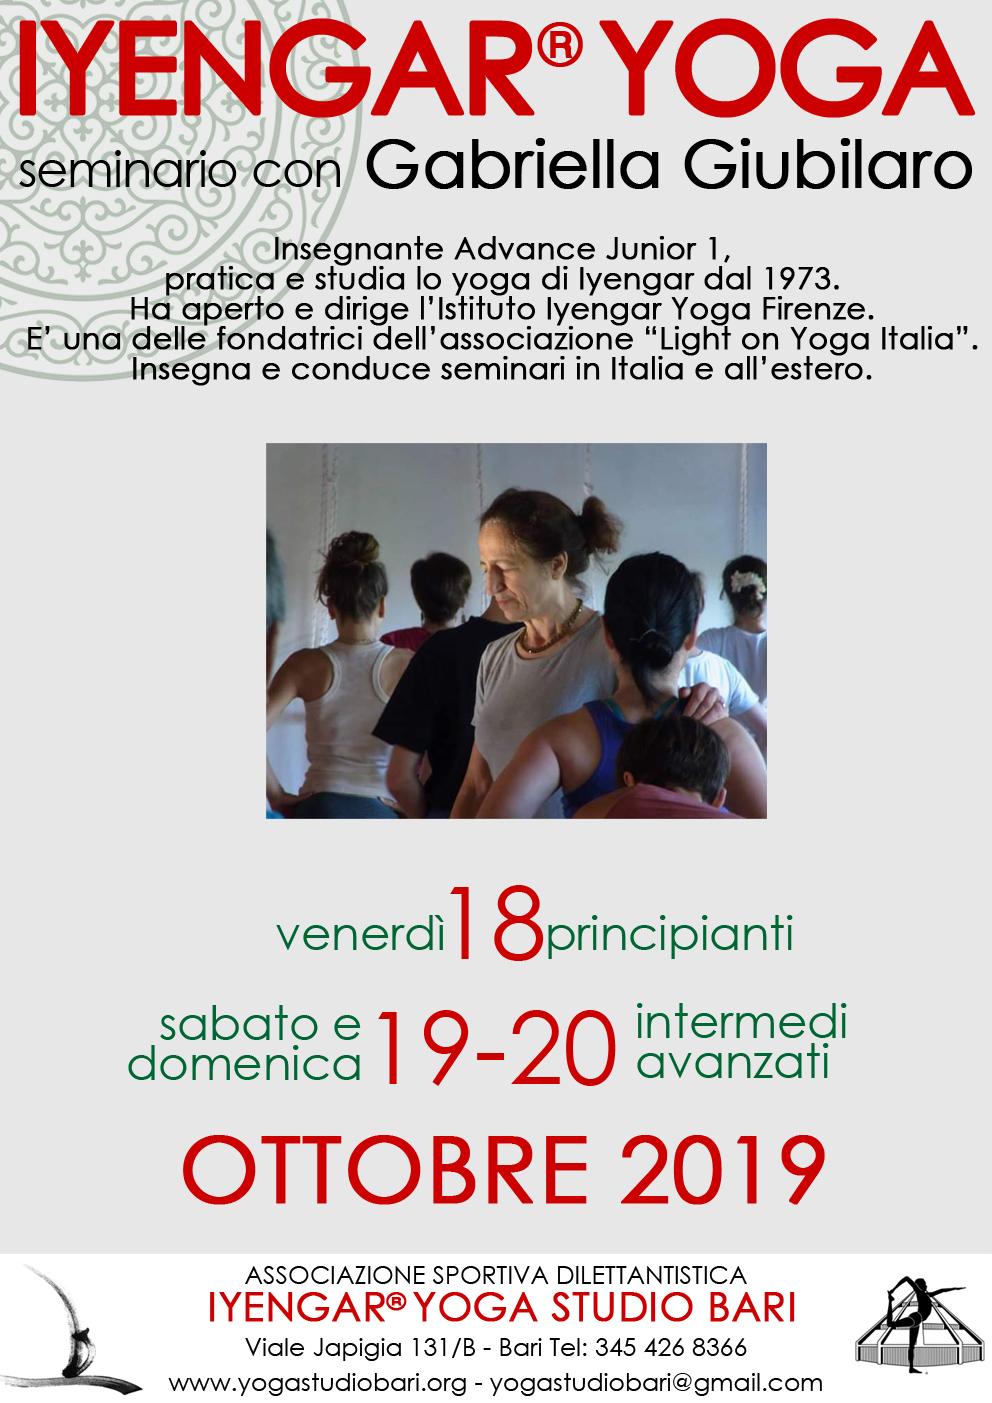 Seminario con Gabriella Giubilaro – 2019